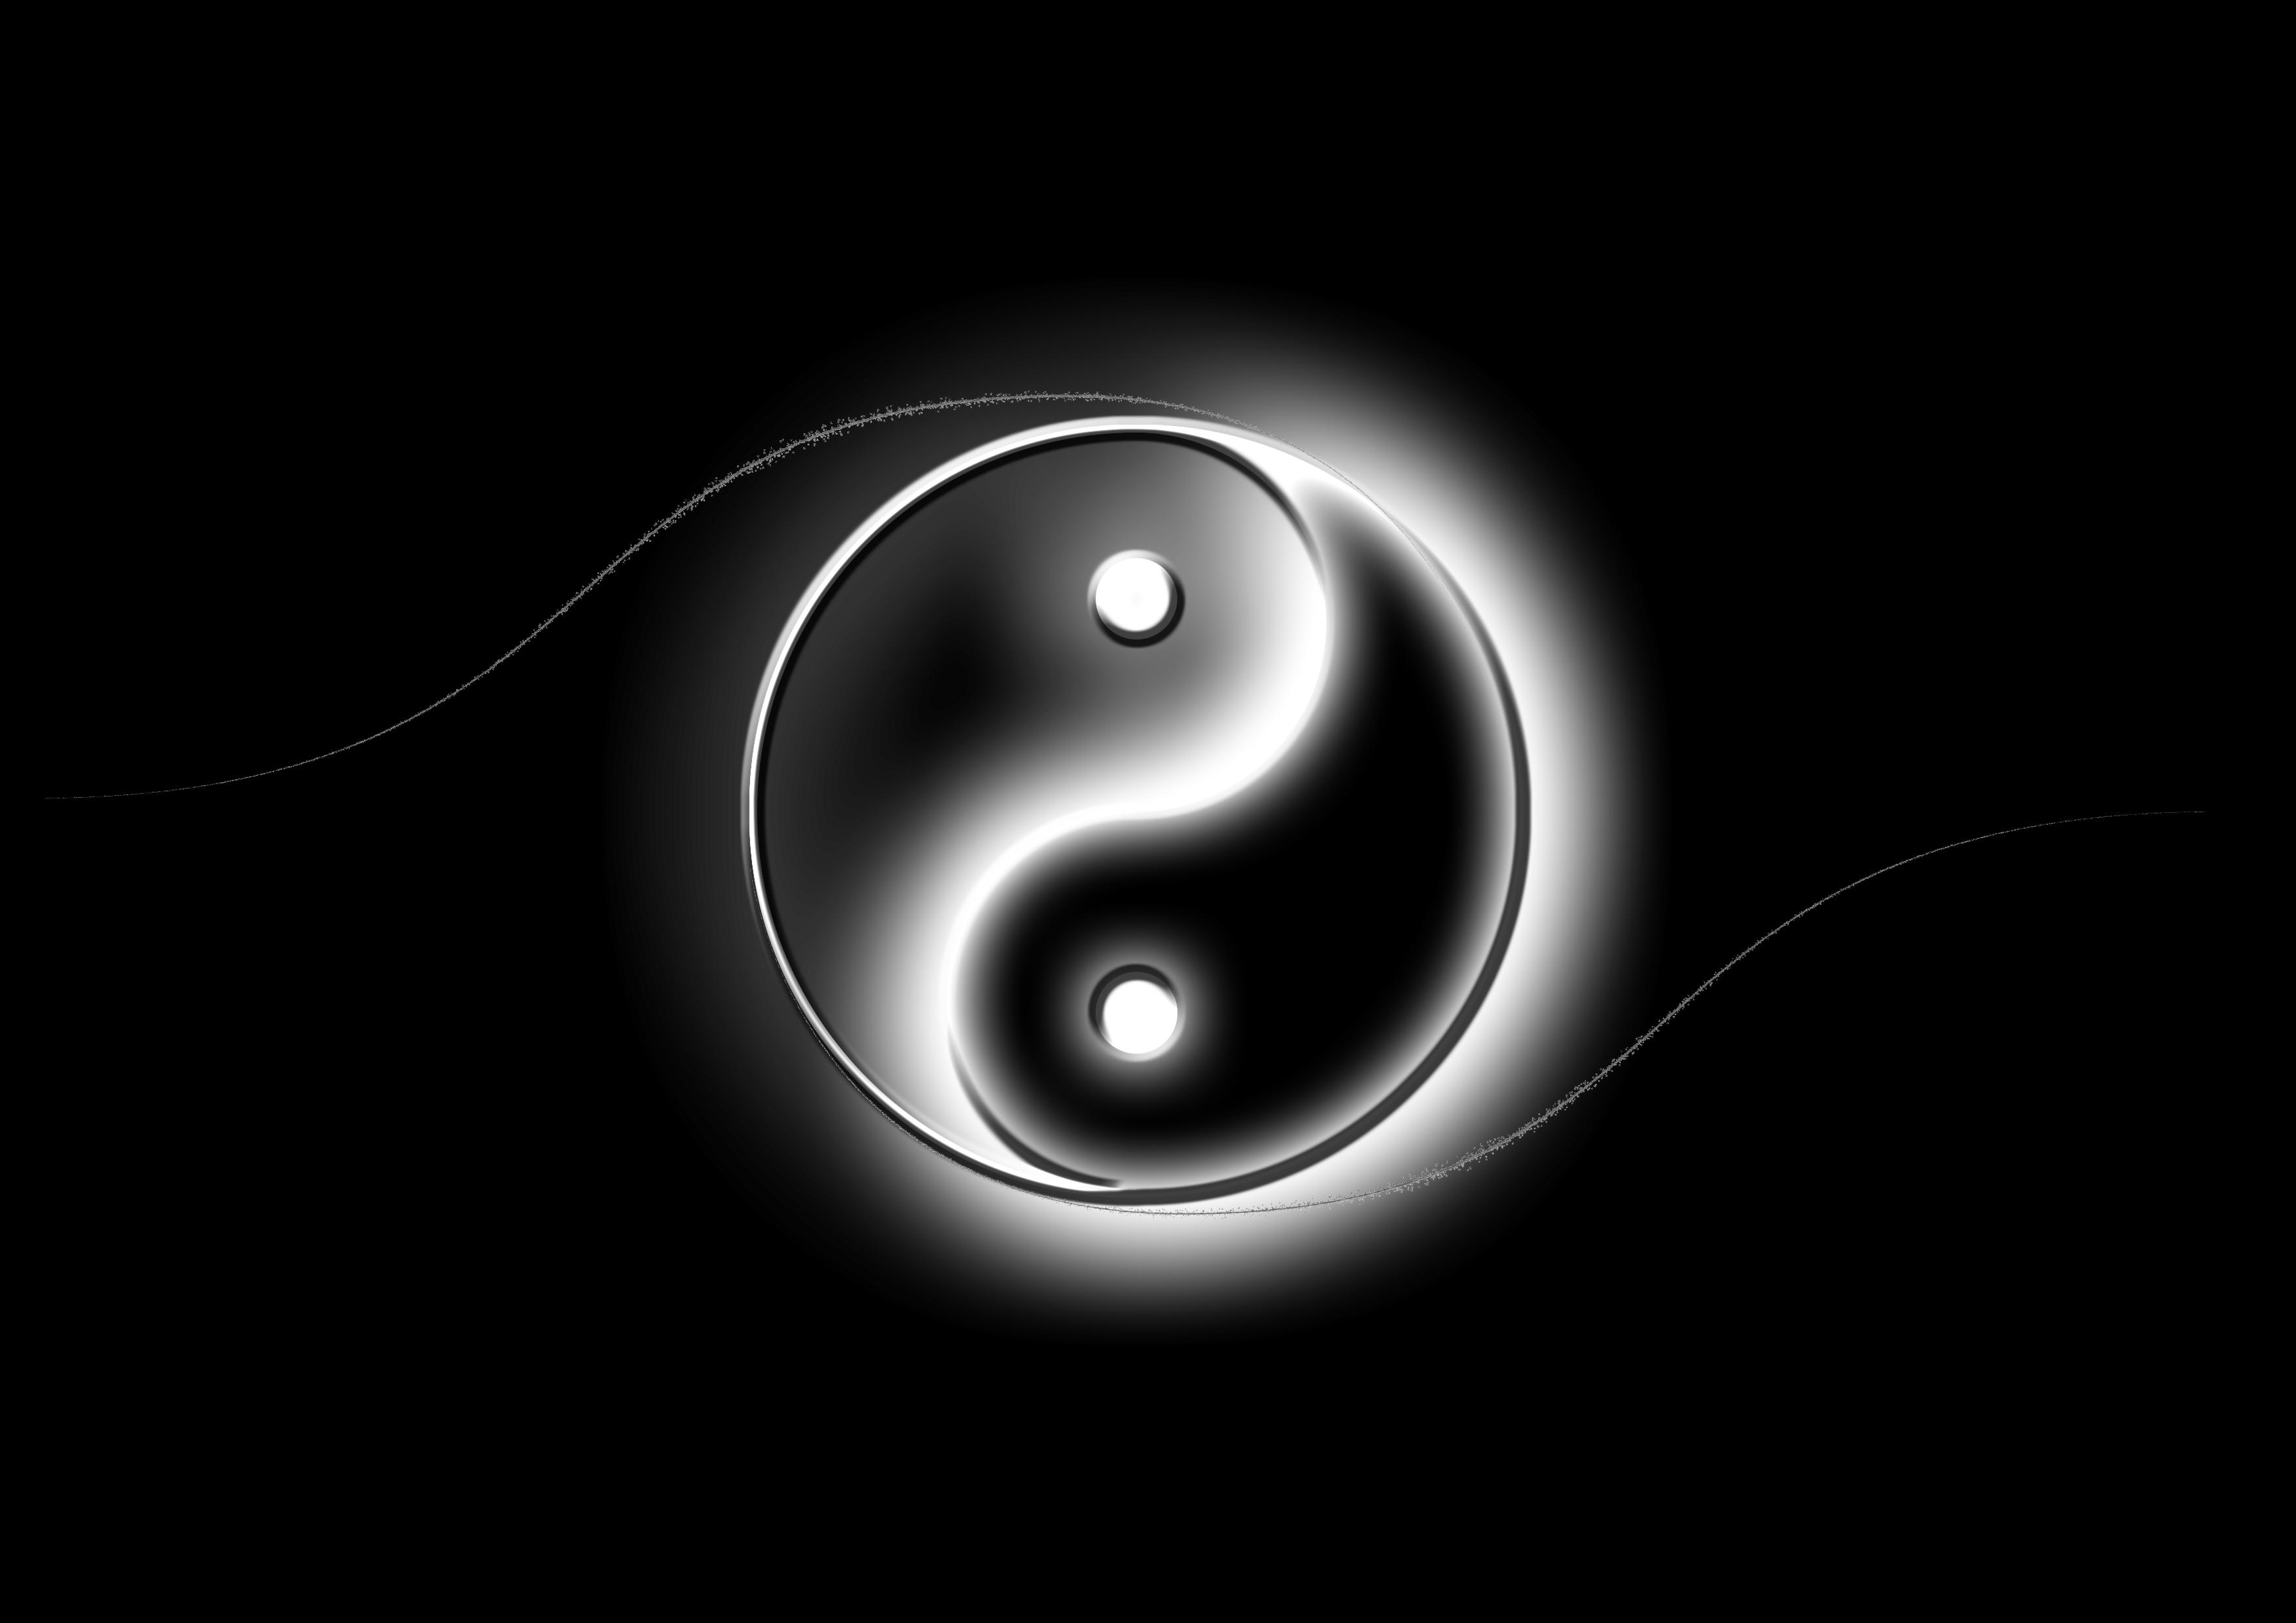 Ying Yang   Taringa 3508x2480